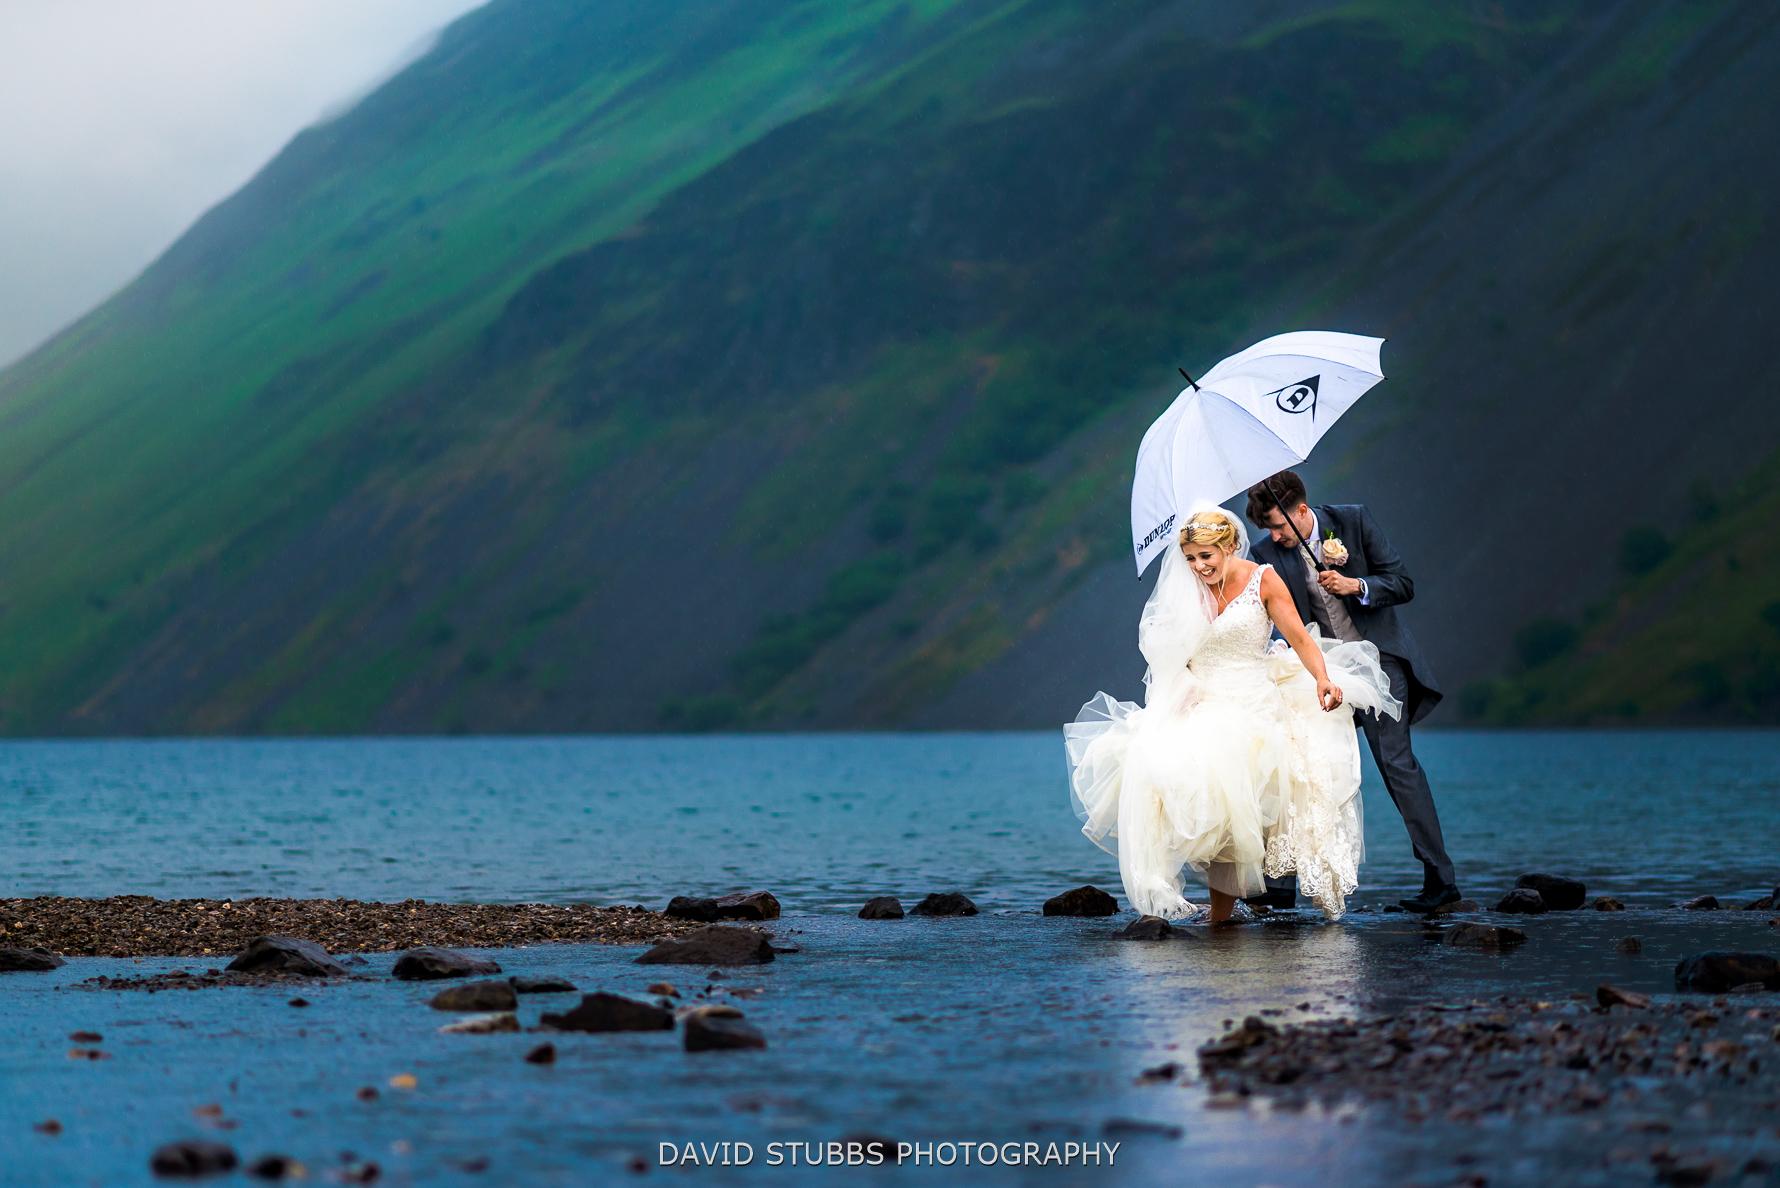 wedding photo taken at wast water